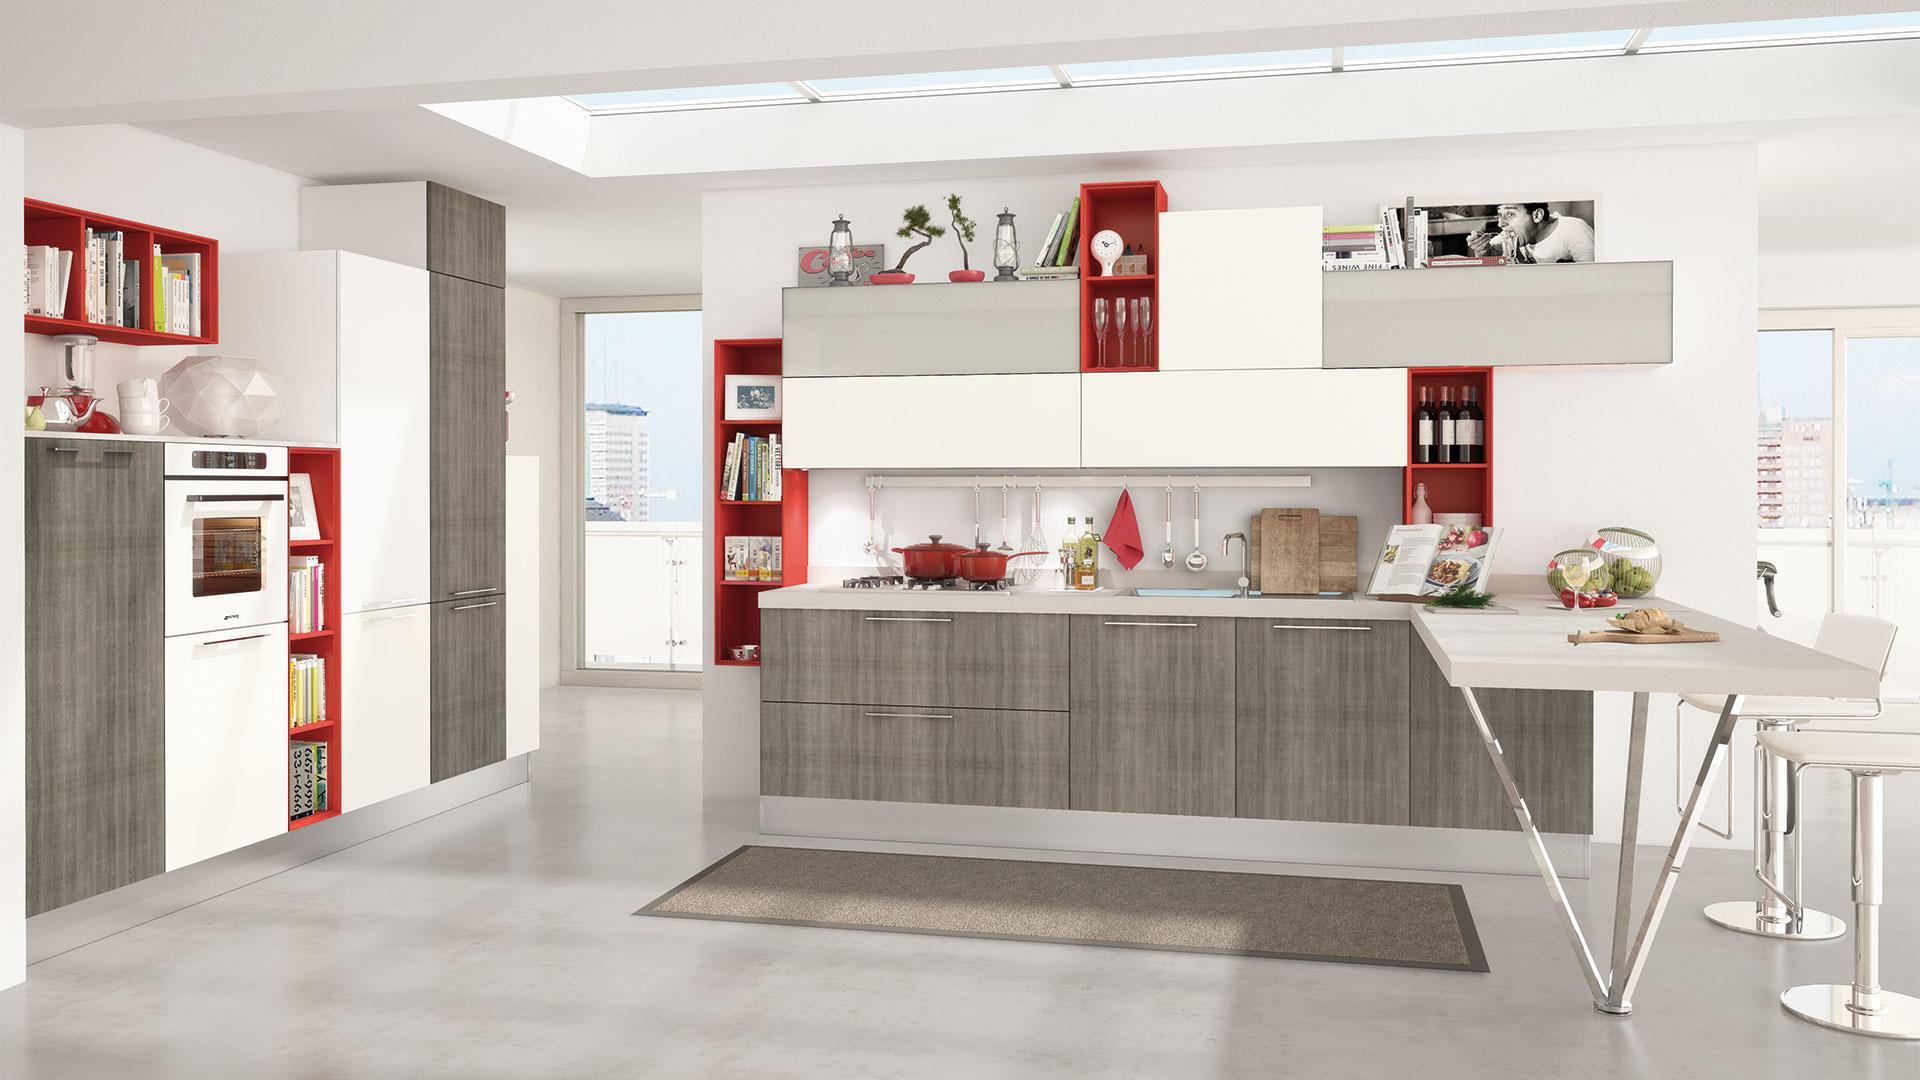 Rizzo Arreda Lube Arredamenti Paderno Dugnano | Cucine Moderna Noemi